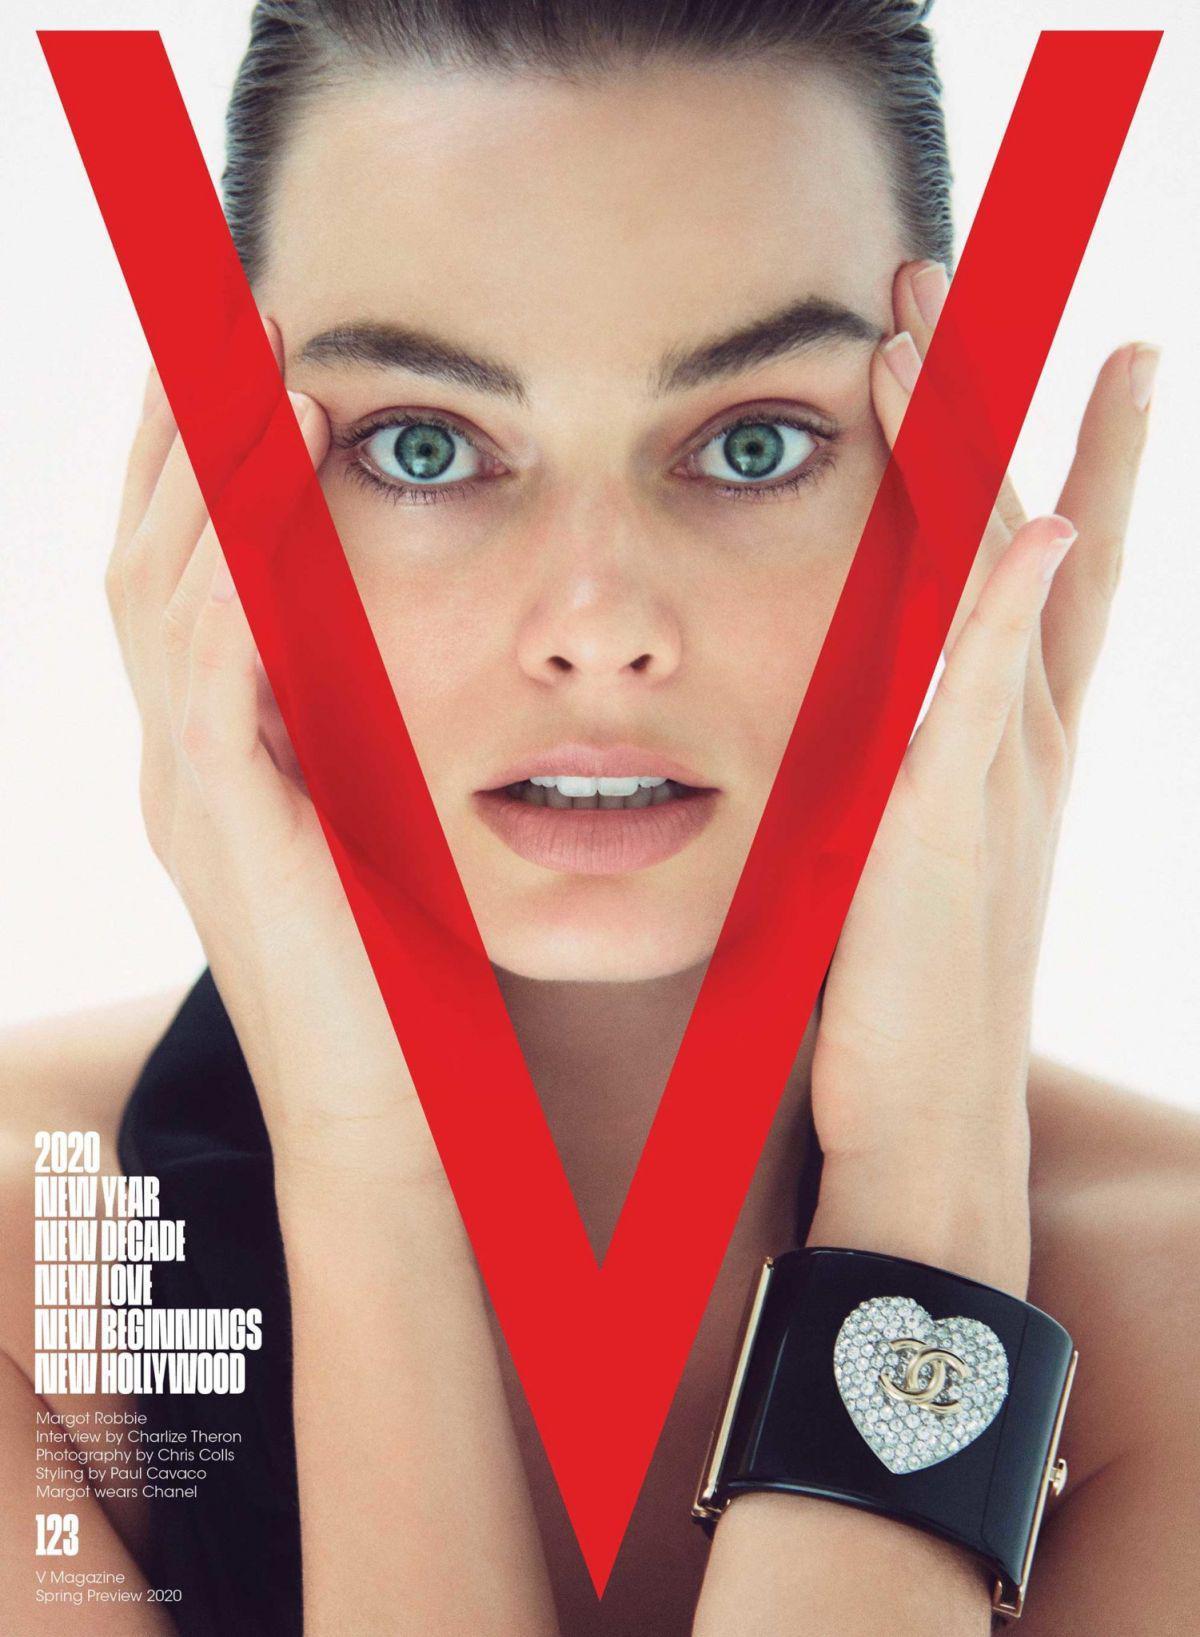 Margot Robbie in V Magazine, Spring 2020